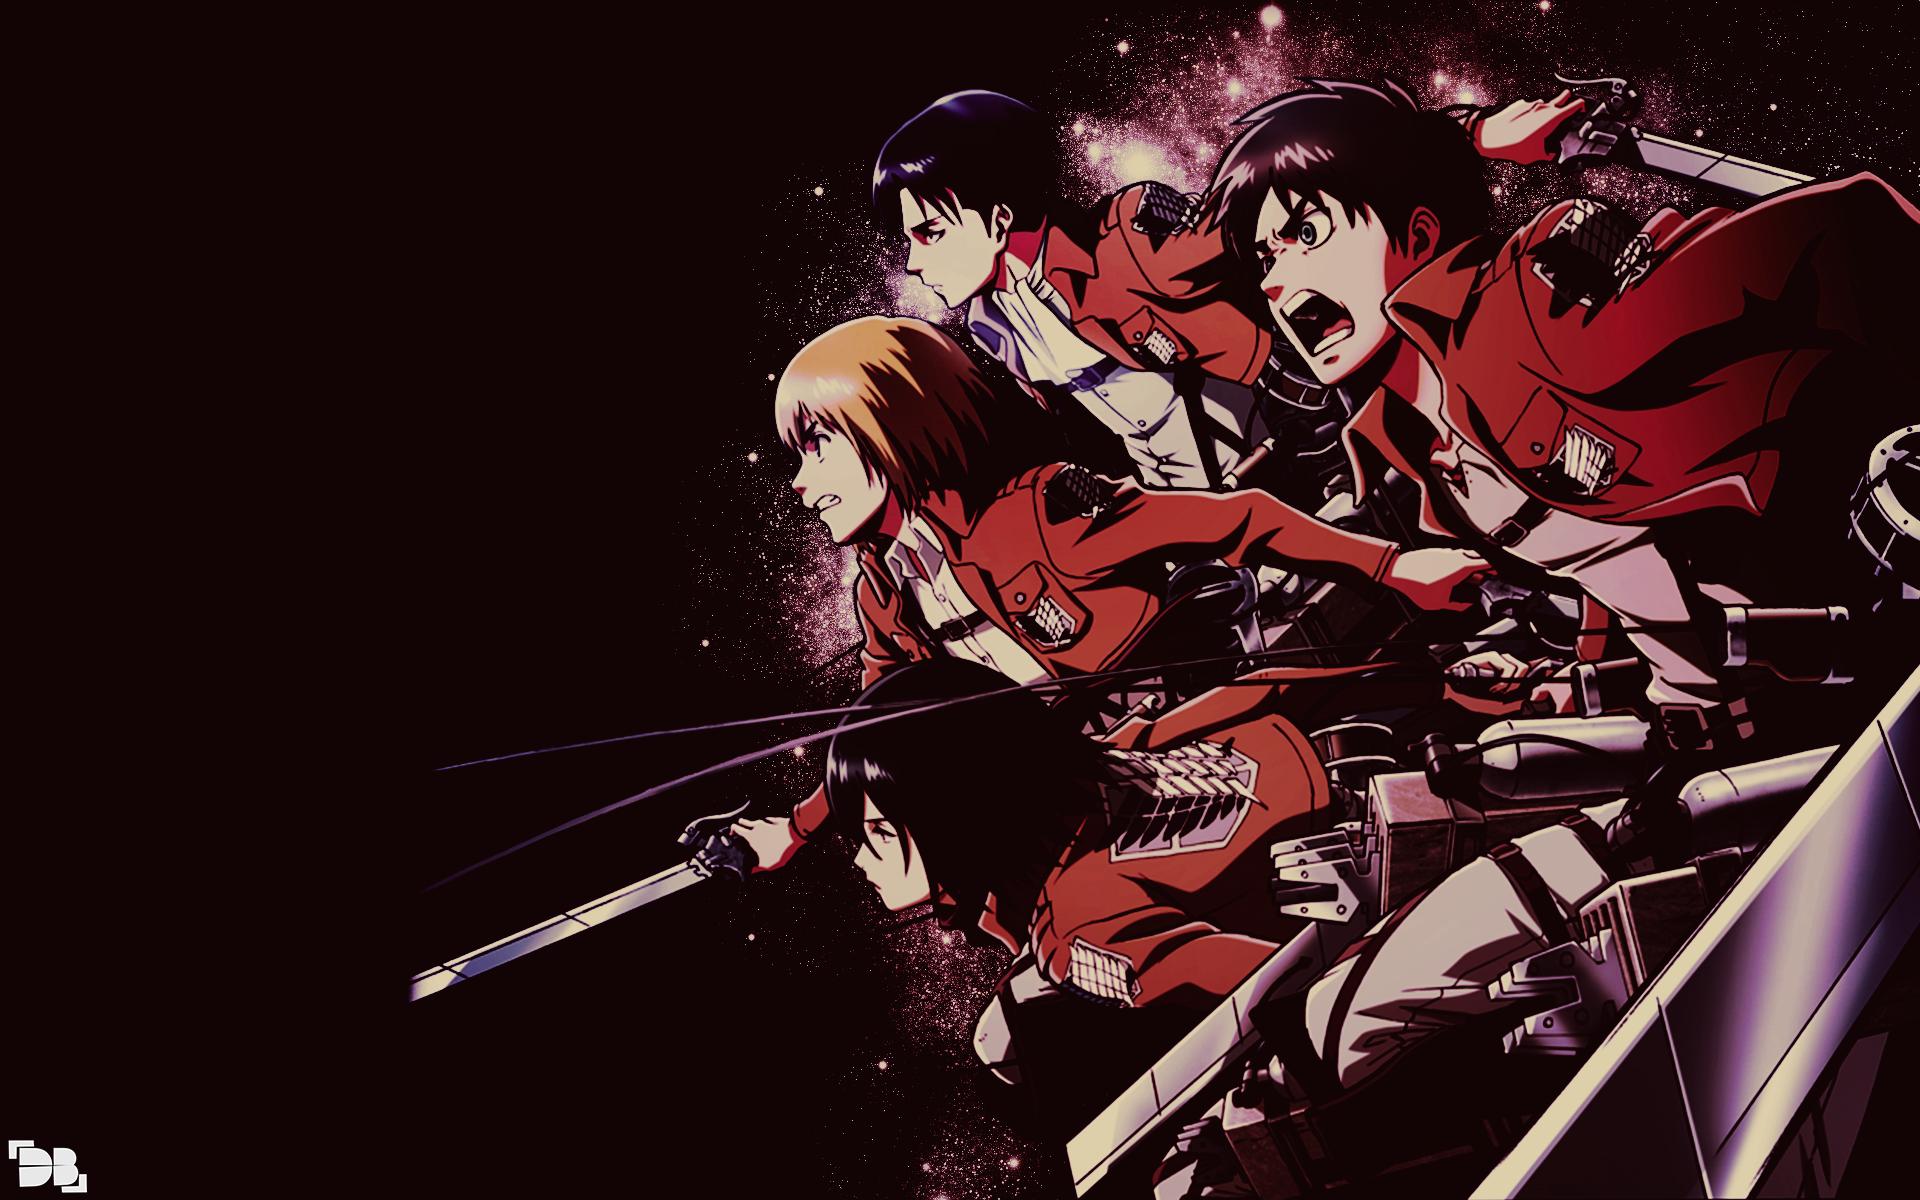 Shingeki no Kyojin Wallpaper 3